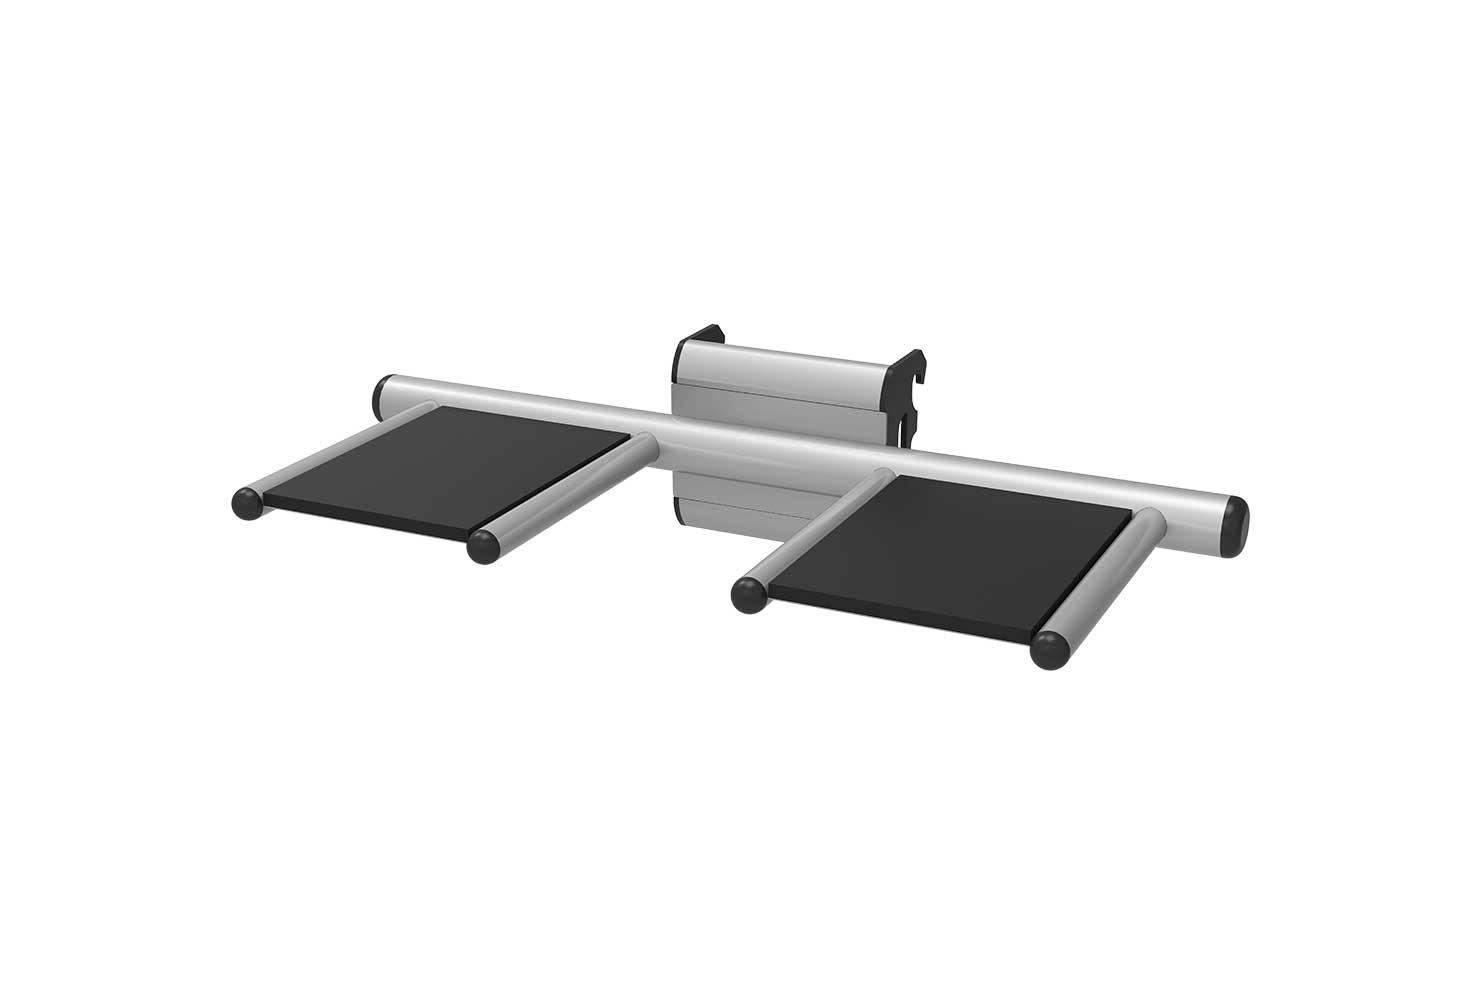 Reax Storage Shelf 3 - 145 RX1515